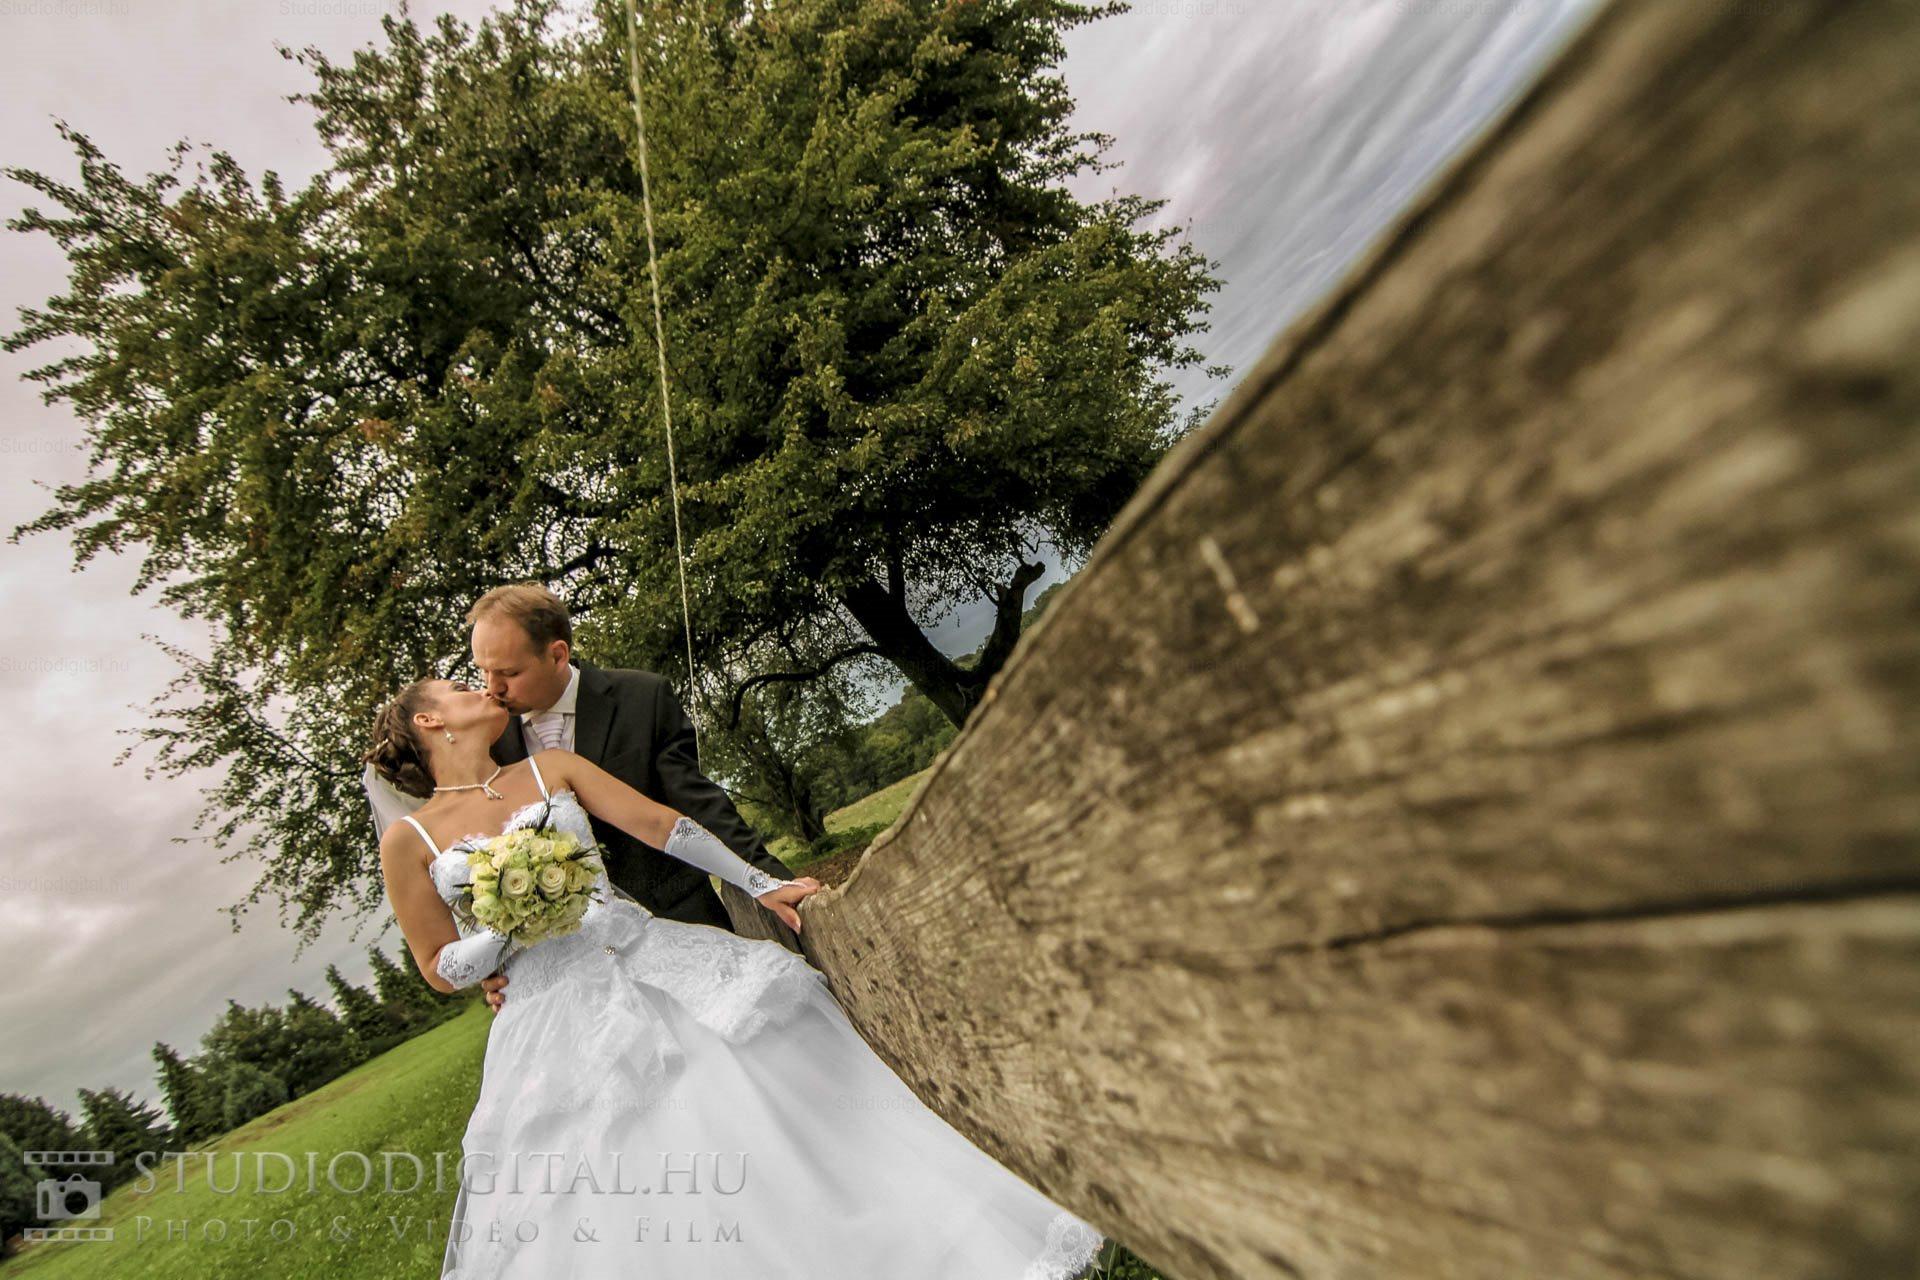 Kreatív-esküvői-fotó-170